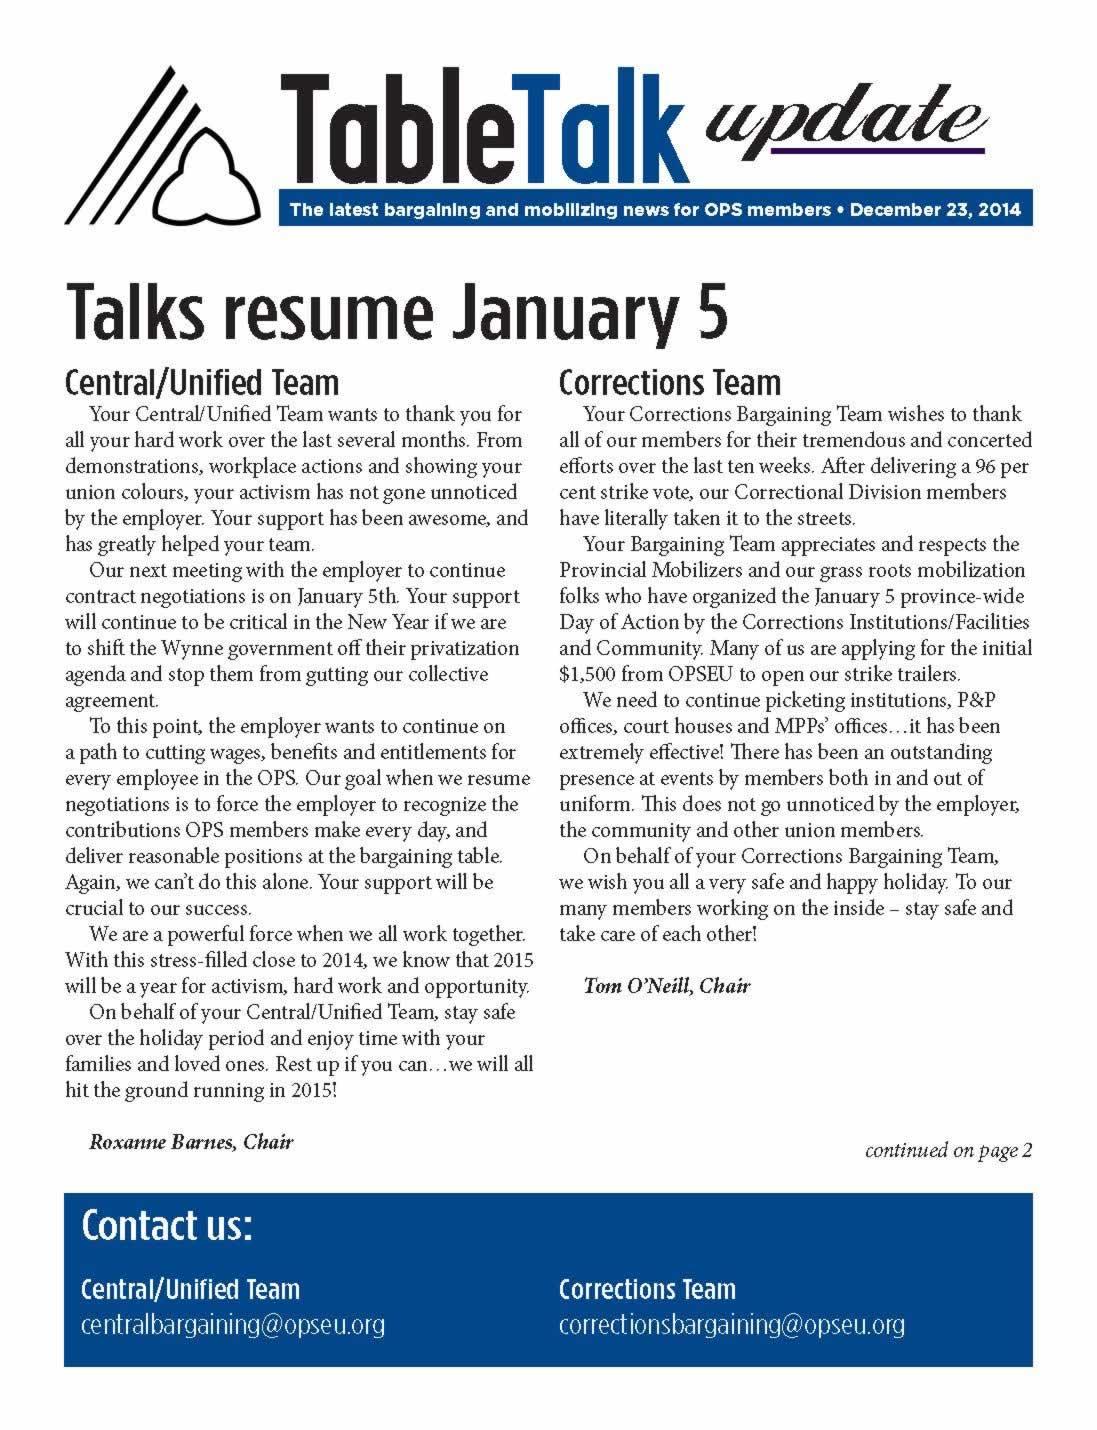 Table Talk Update. Talks resume January 5